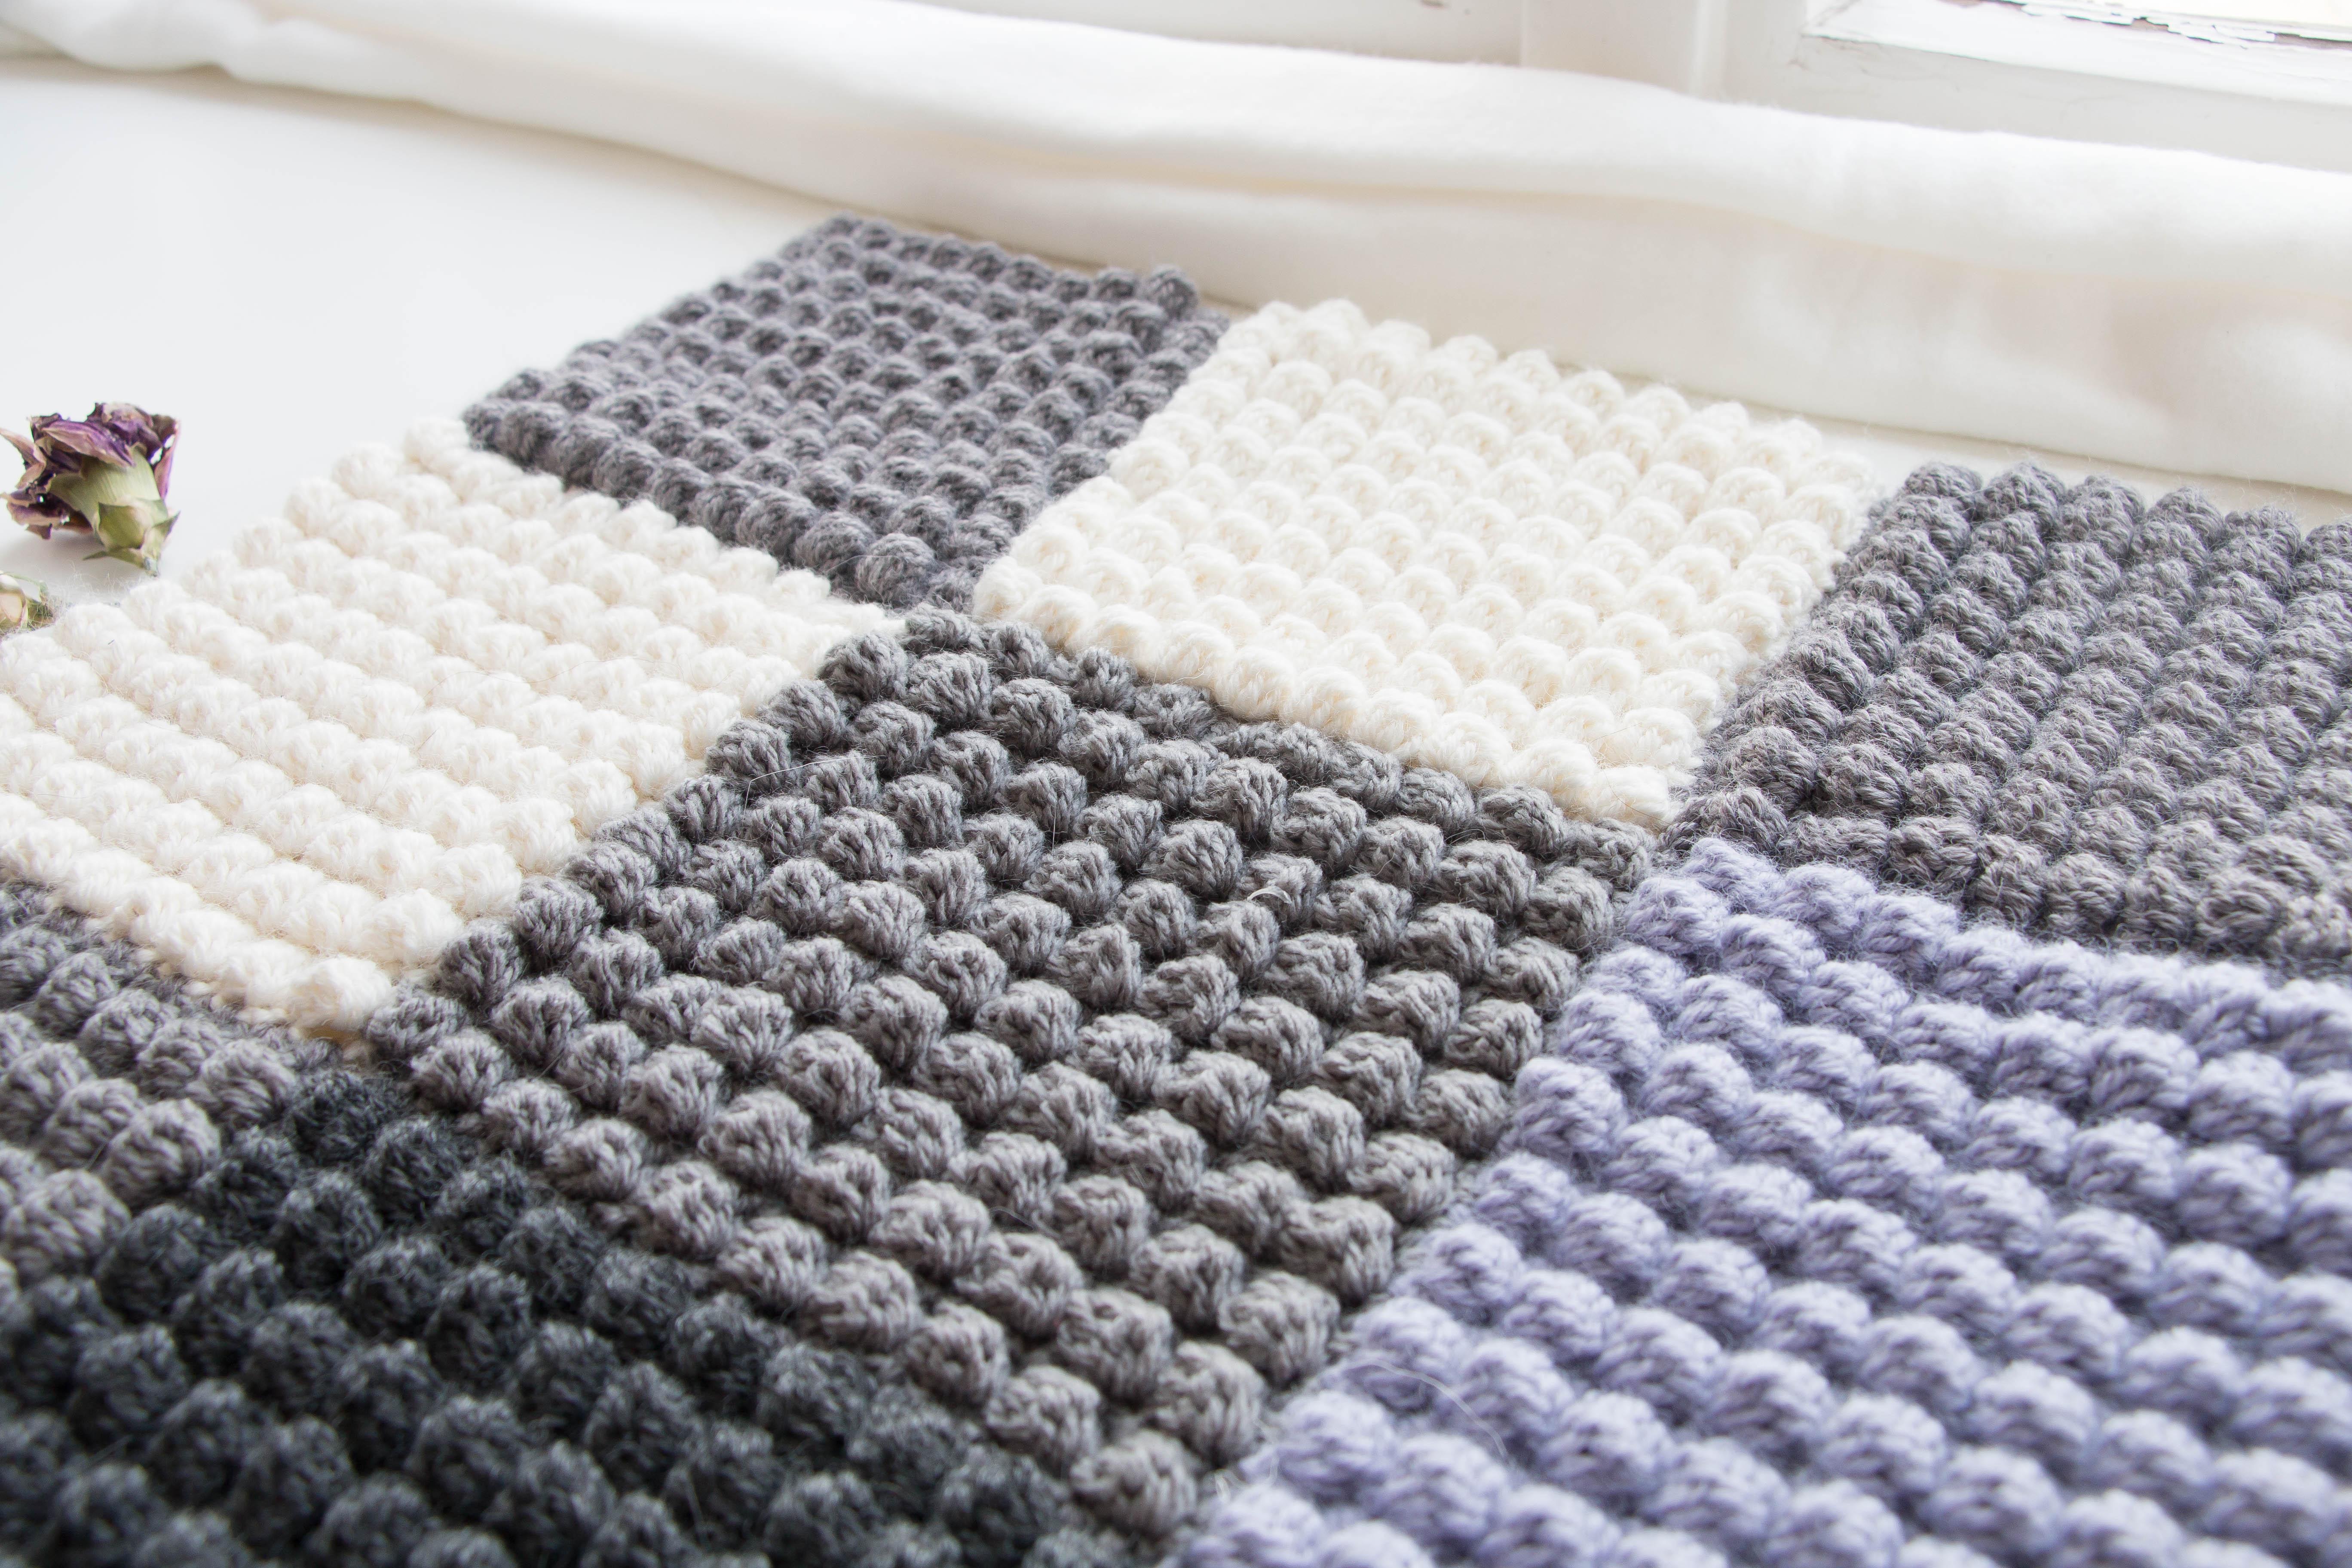 erstaunlich filzkugel teppich selber machen fotos erindzain. Black Bedroom Furniture Sets. Home Design Ideas